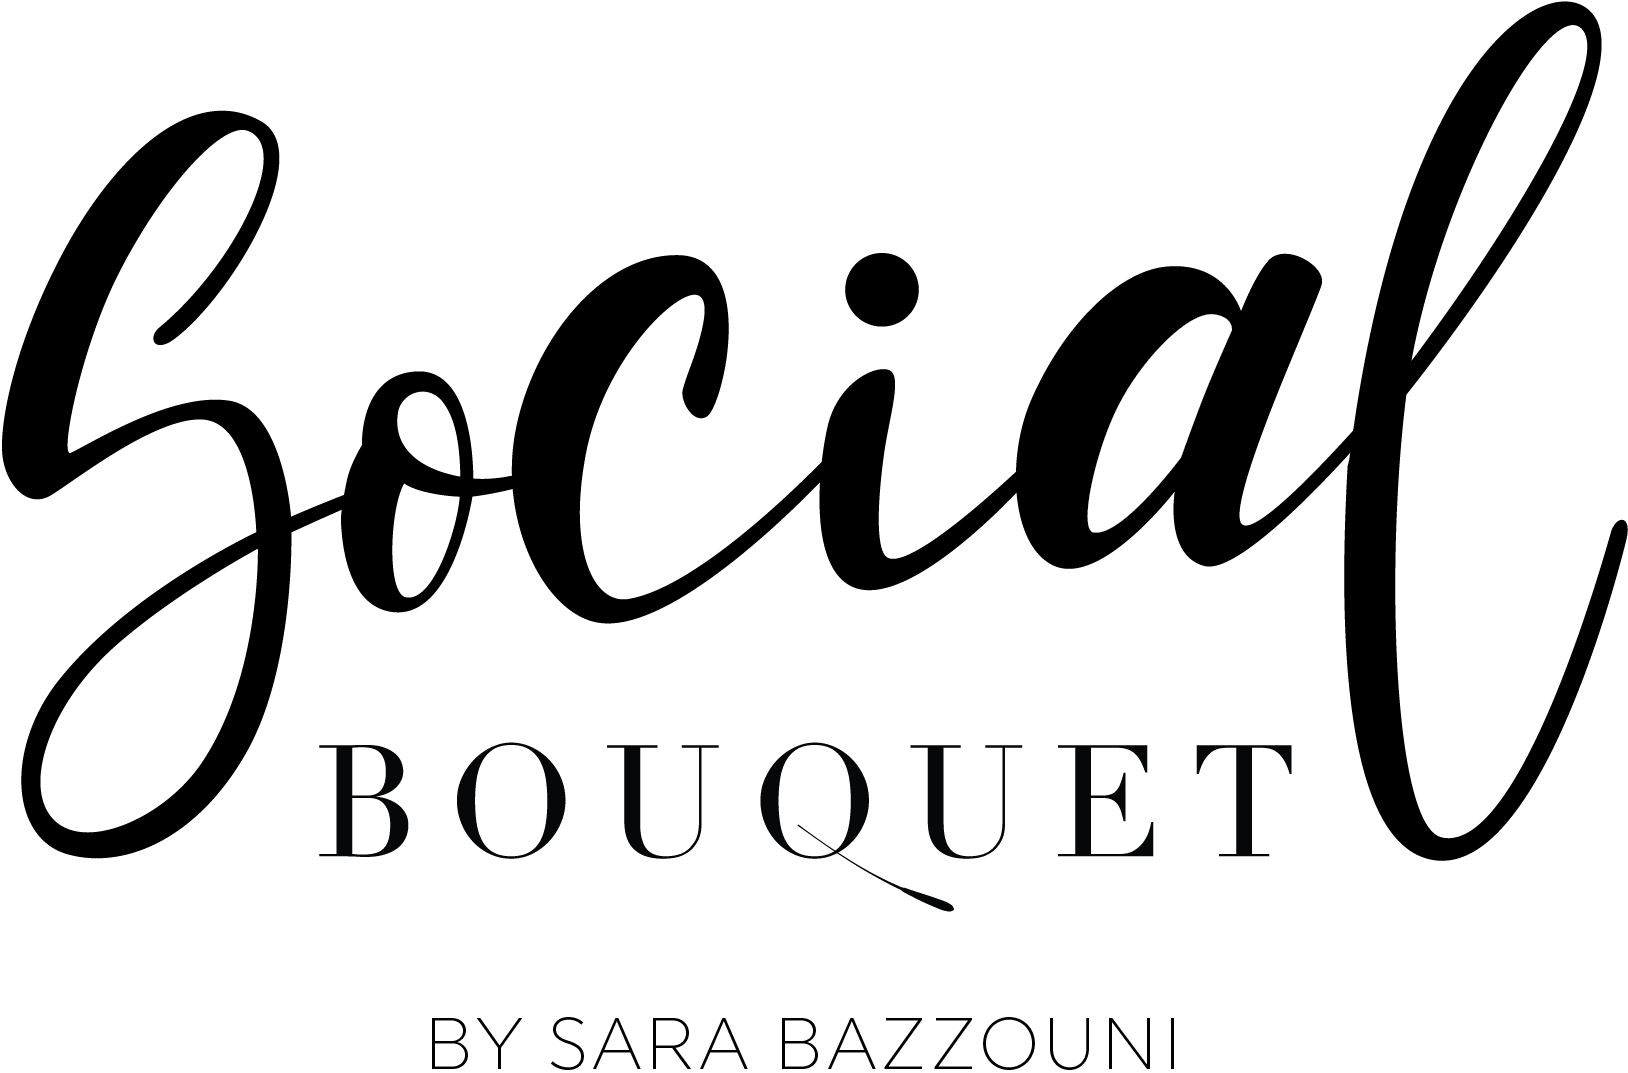 Social Bouquet